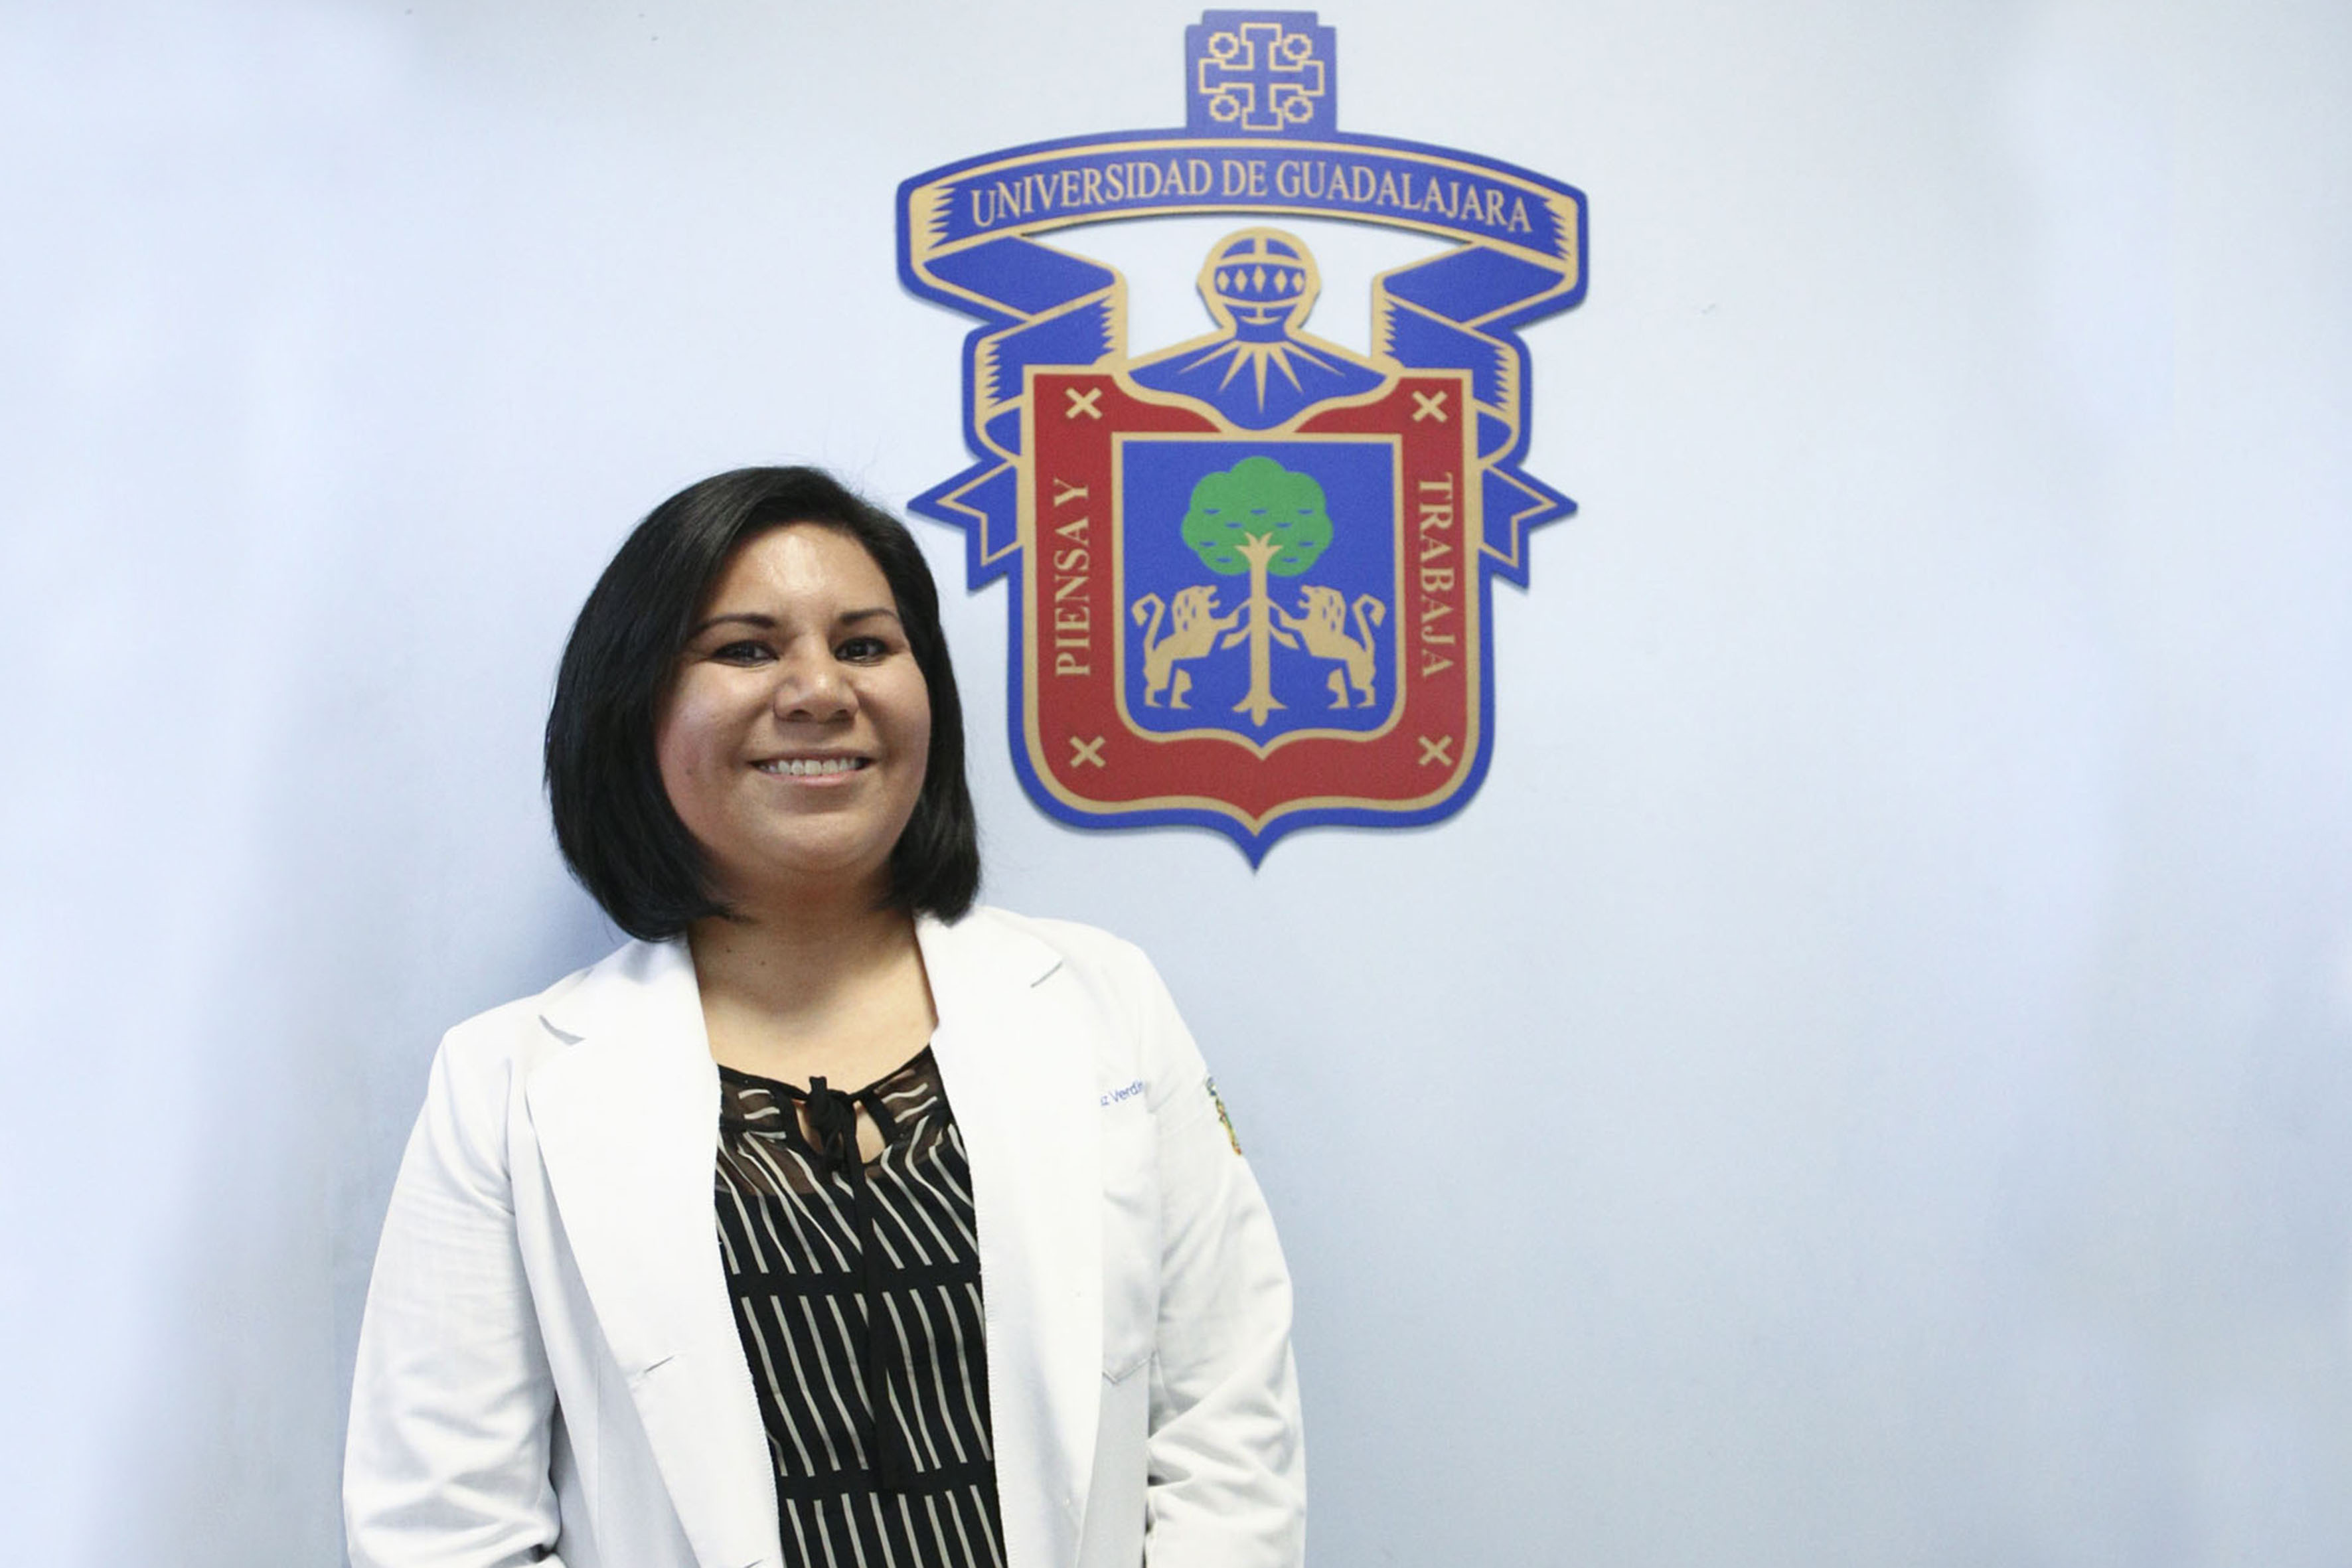 Dra. Sandra López Verdín posando junto al escudo de la UdeG